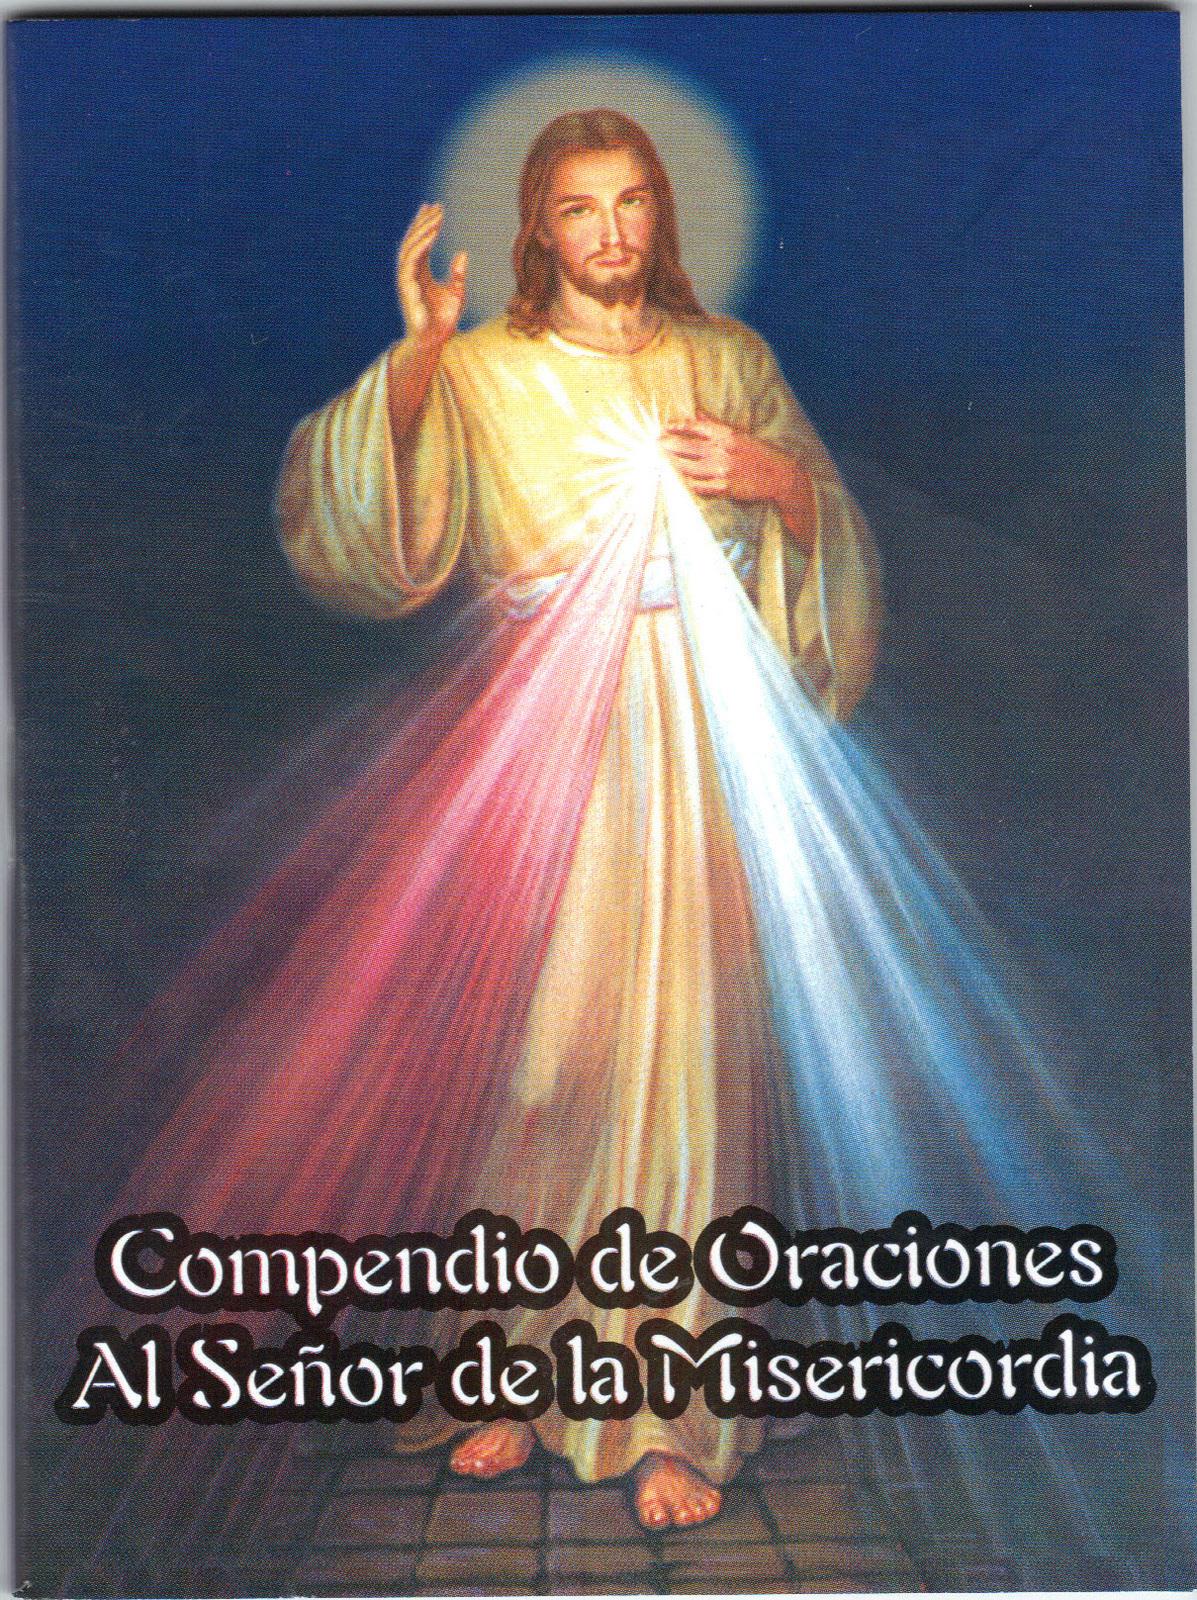 Compendio de orciones al senor de la misericordia 20 4